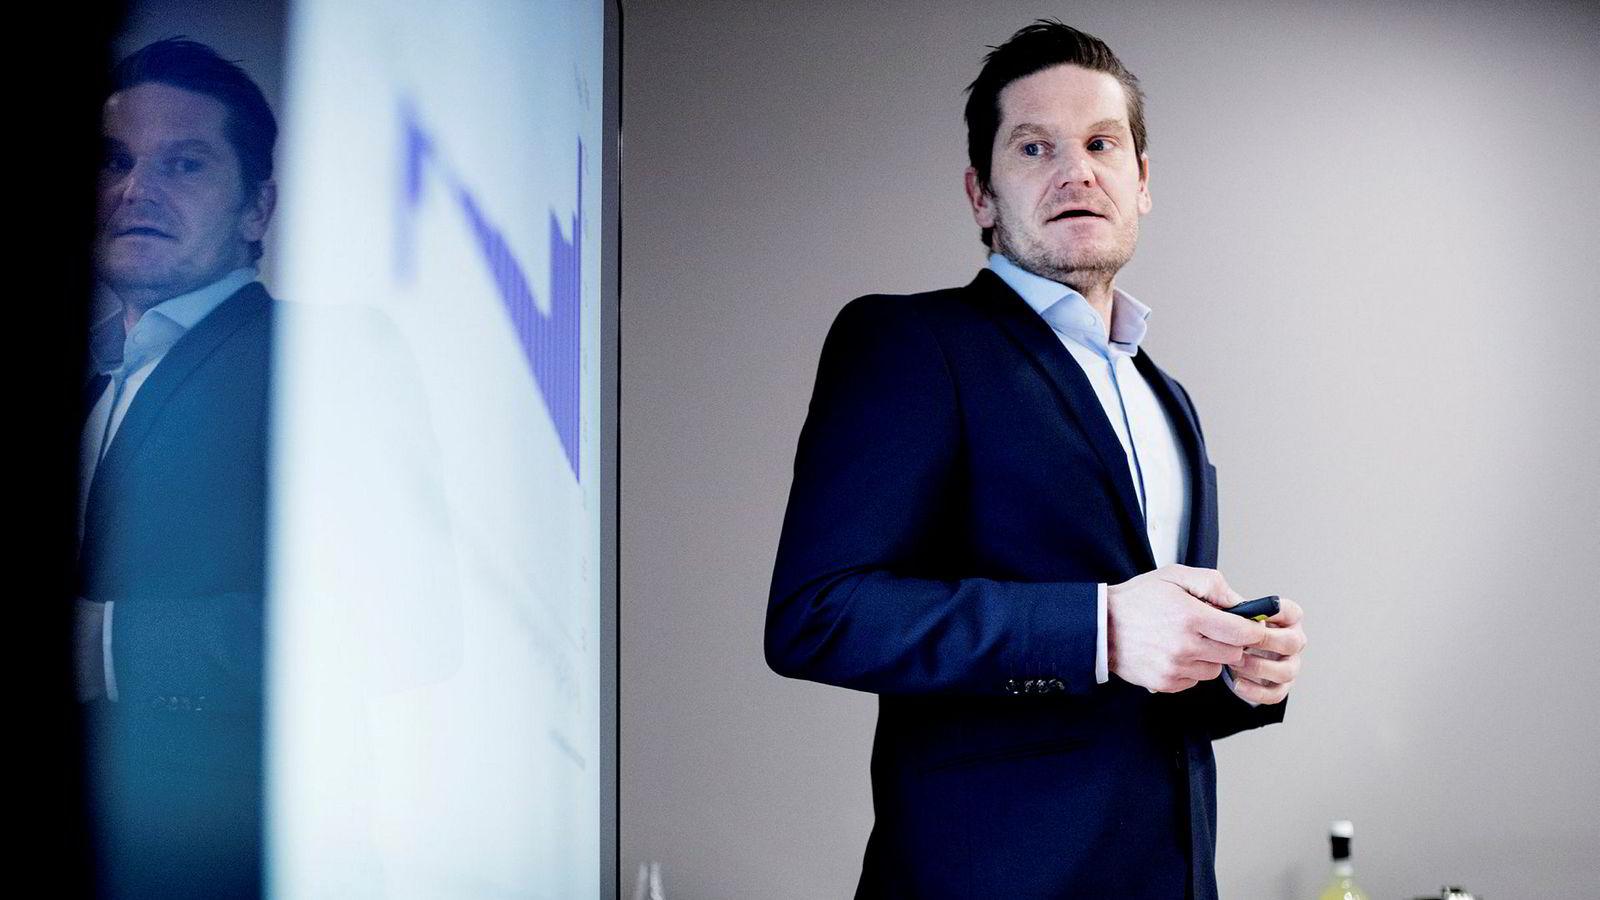 Sjeføkonom Kjetil Olsen i Nordea mener Norges Bank vil bli bekymret dersom boligprisene fortsetter å øke slik de har gjort hittil i år.